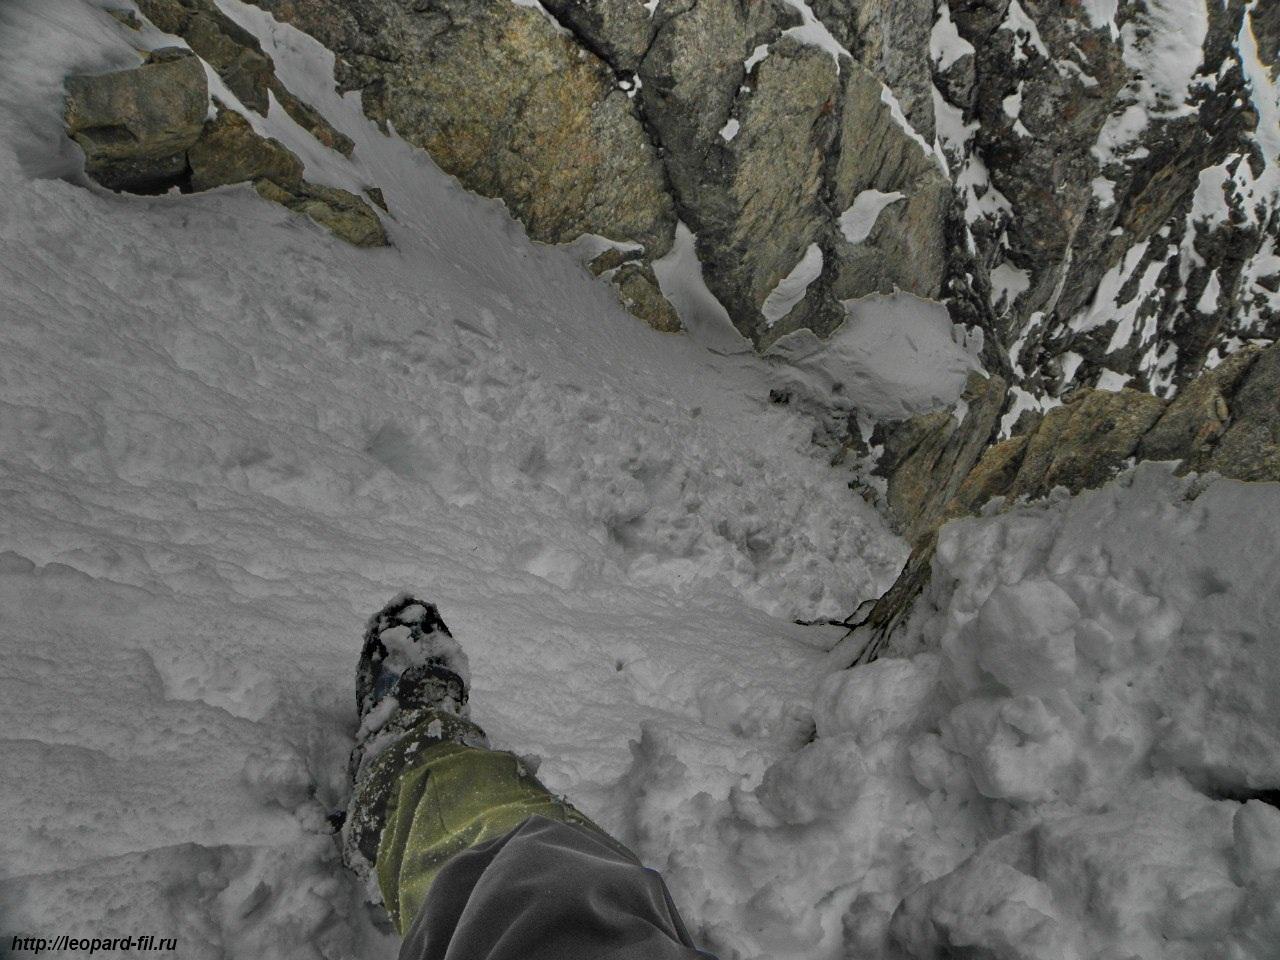 Обзор горных ботинок Boreal